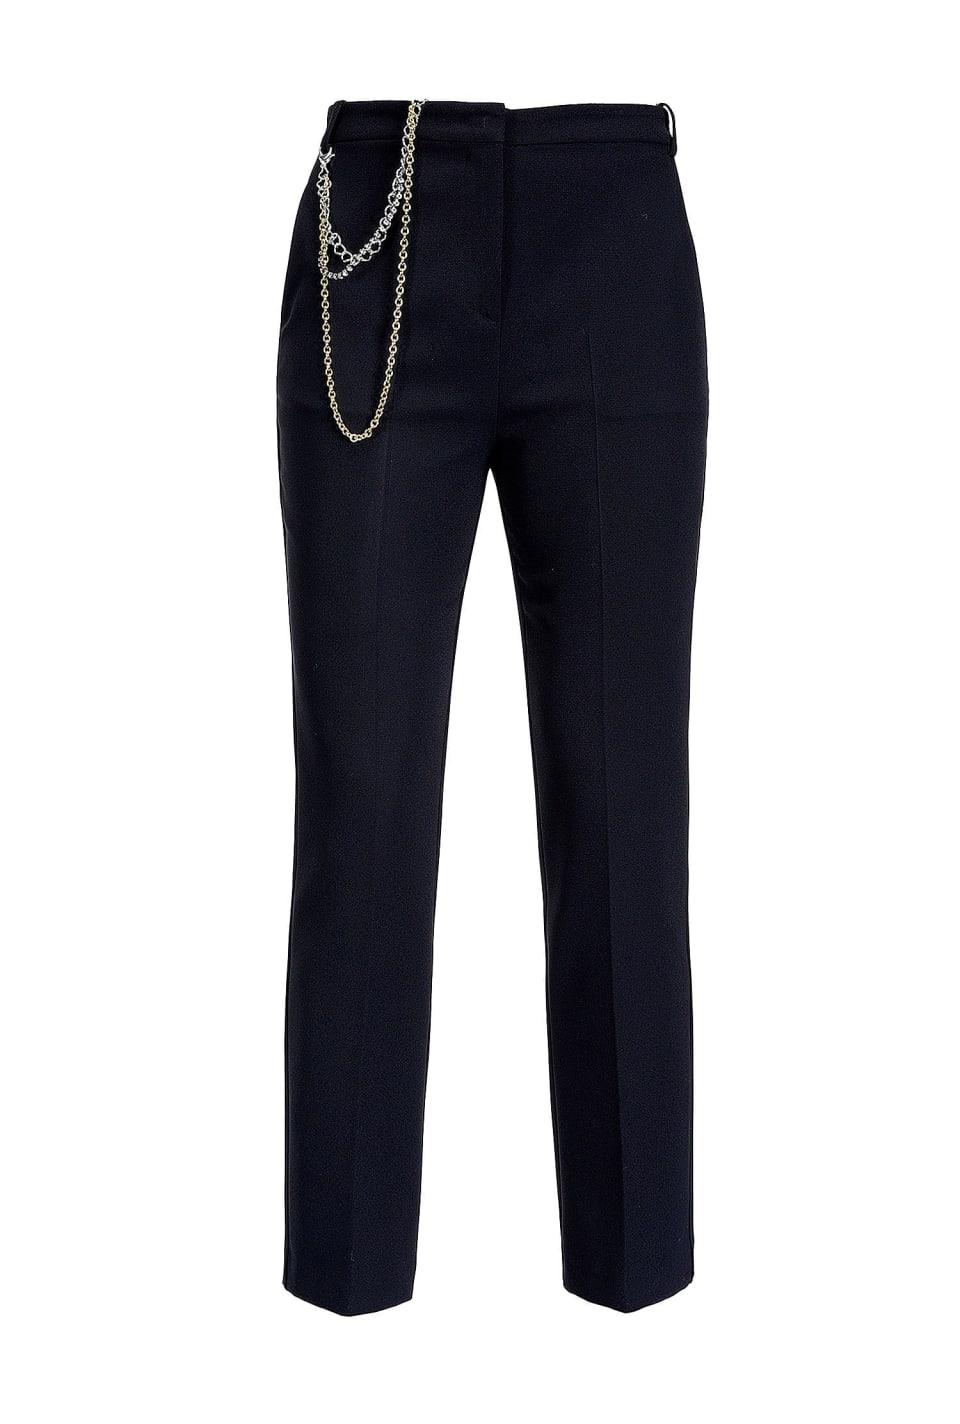 Pantaloni con catena gioiello